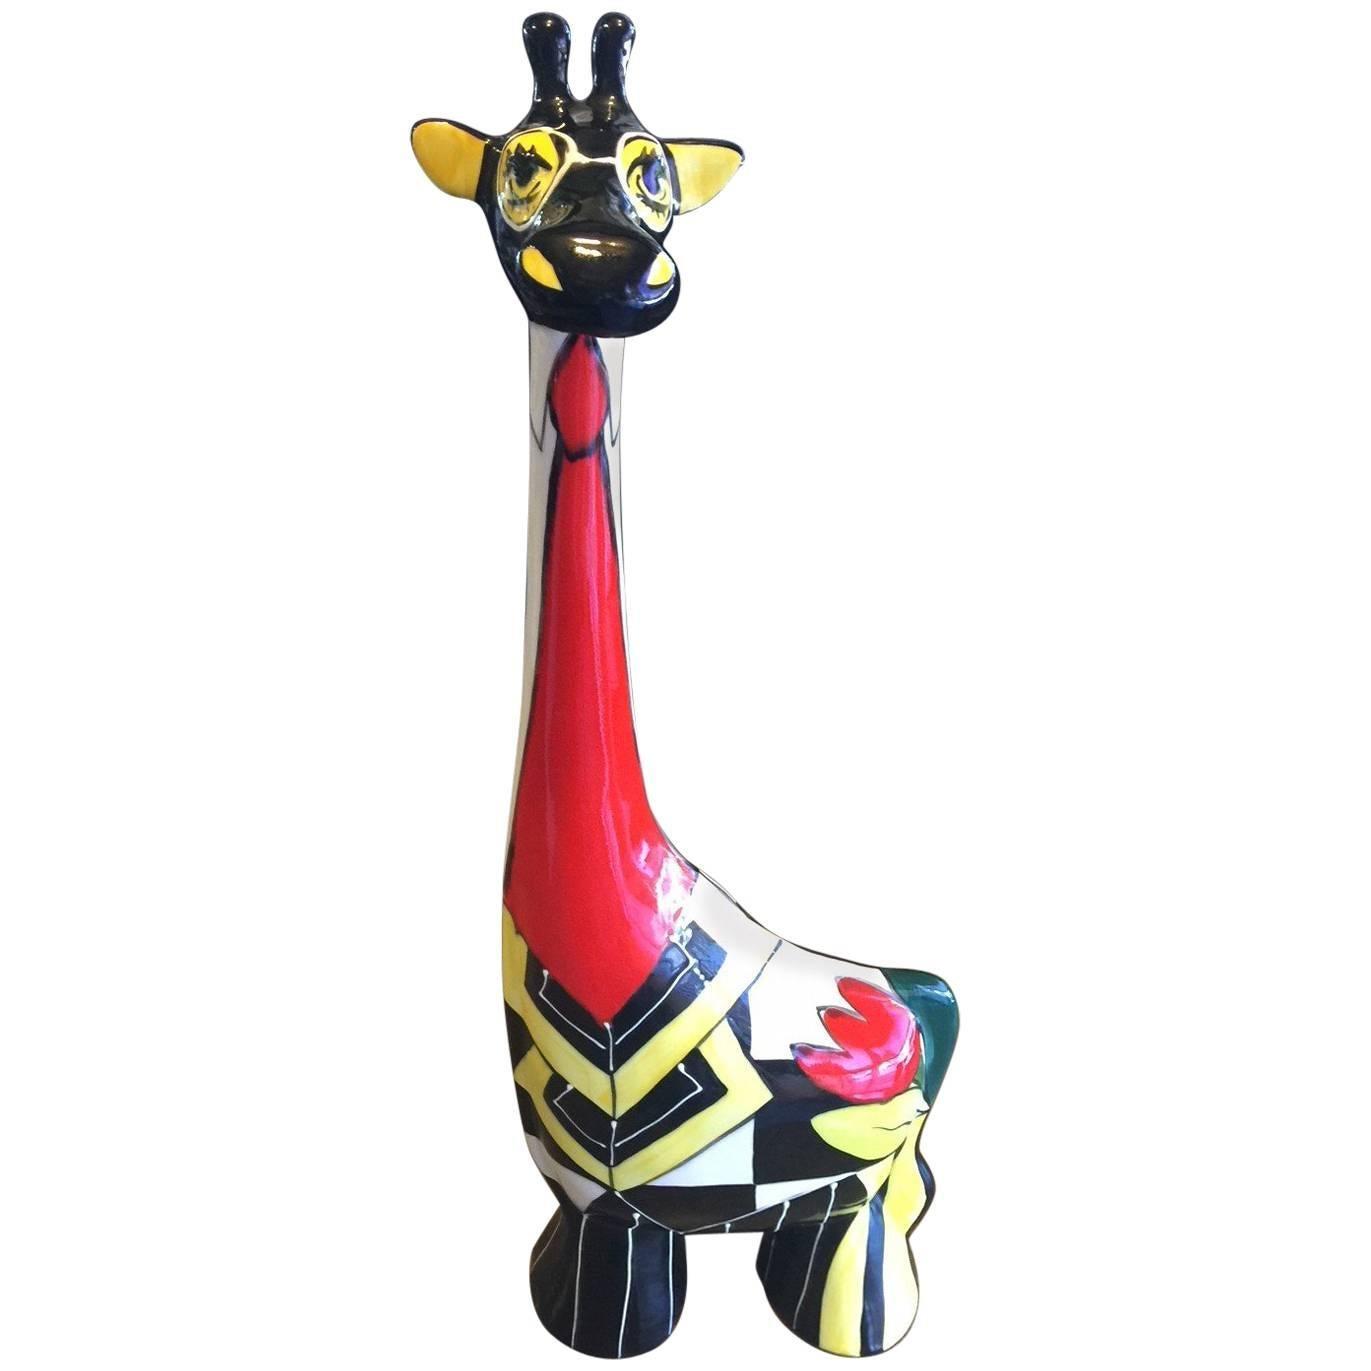 Colorful Ceramic Giraffe by Turov Art of Russia